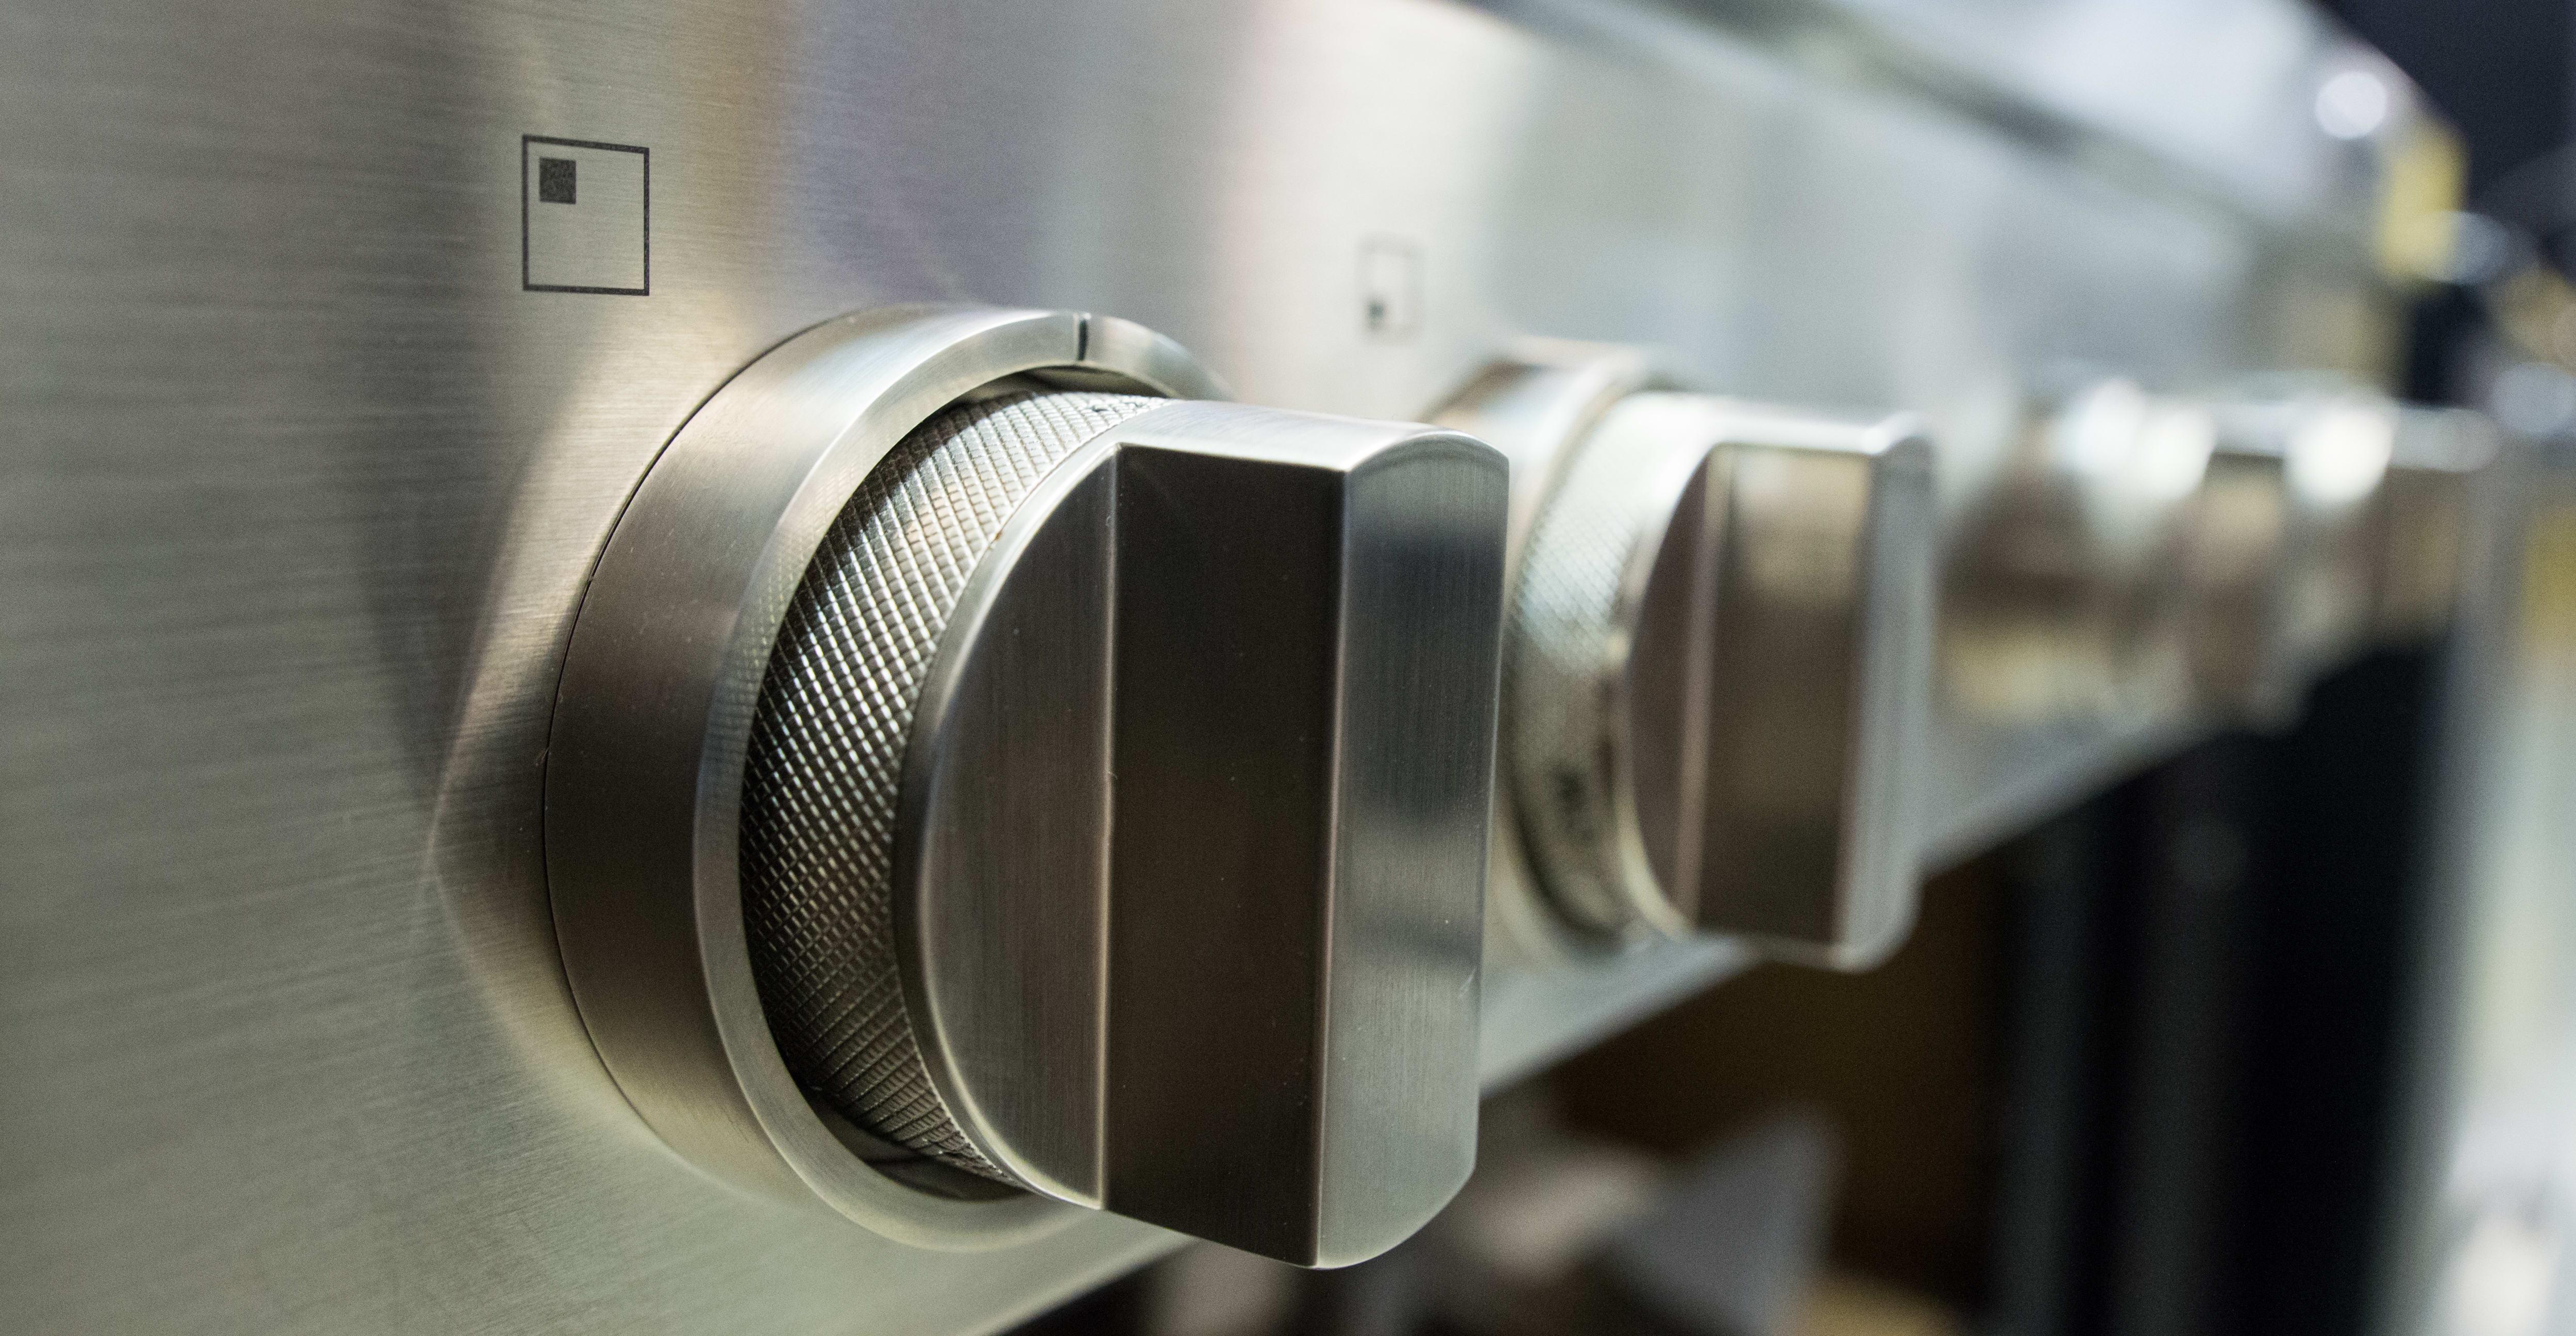 Burner control knobs